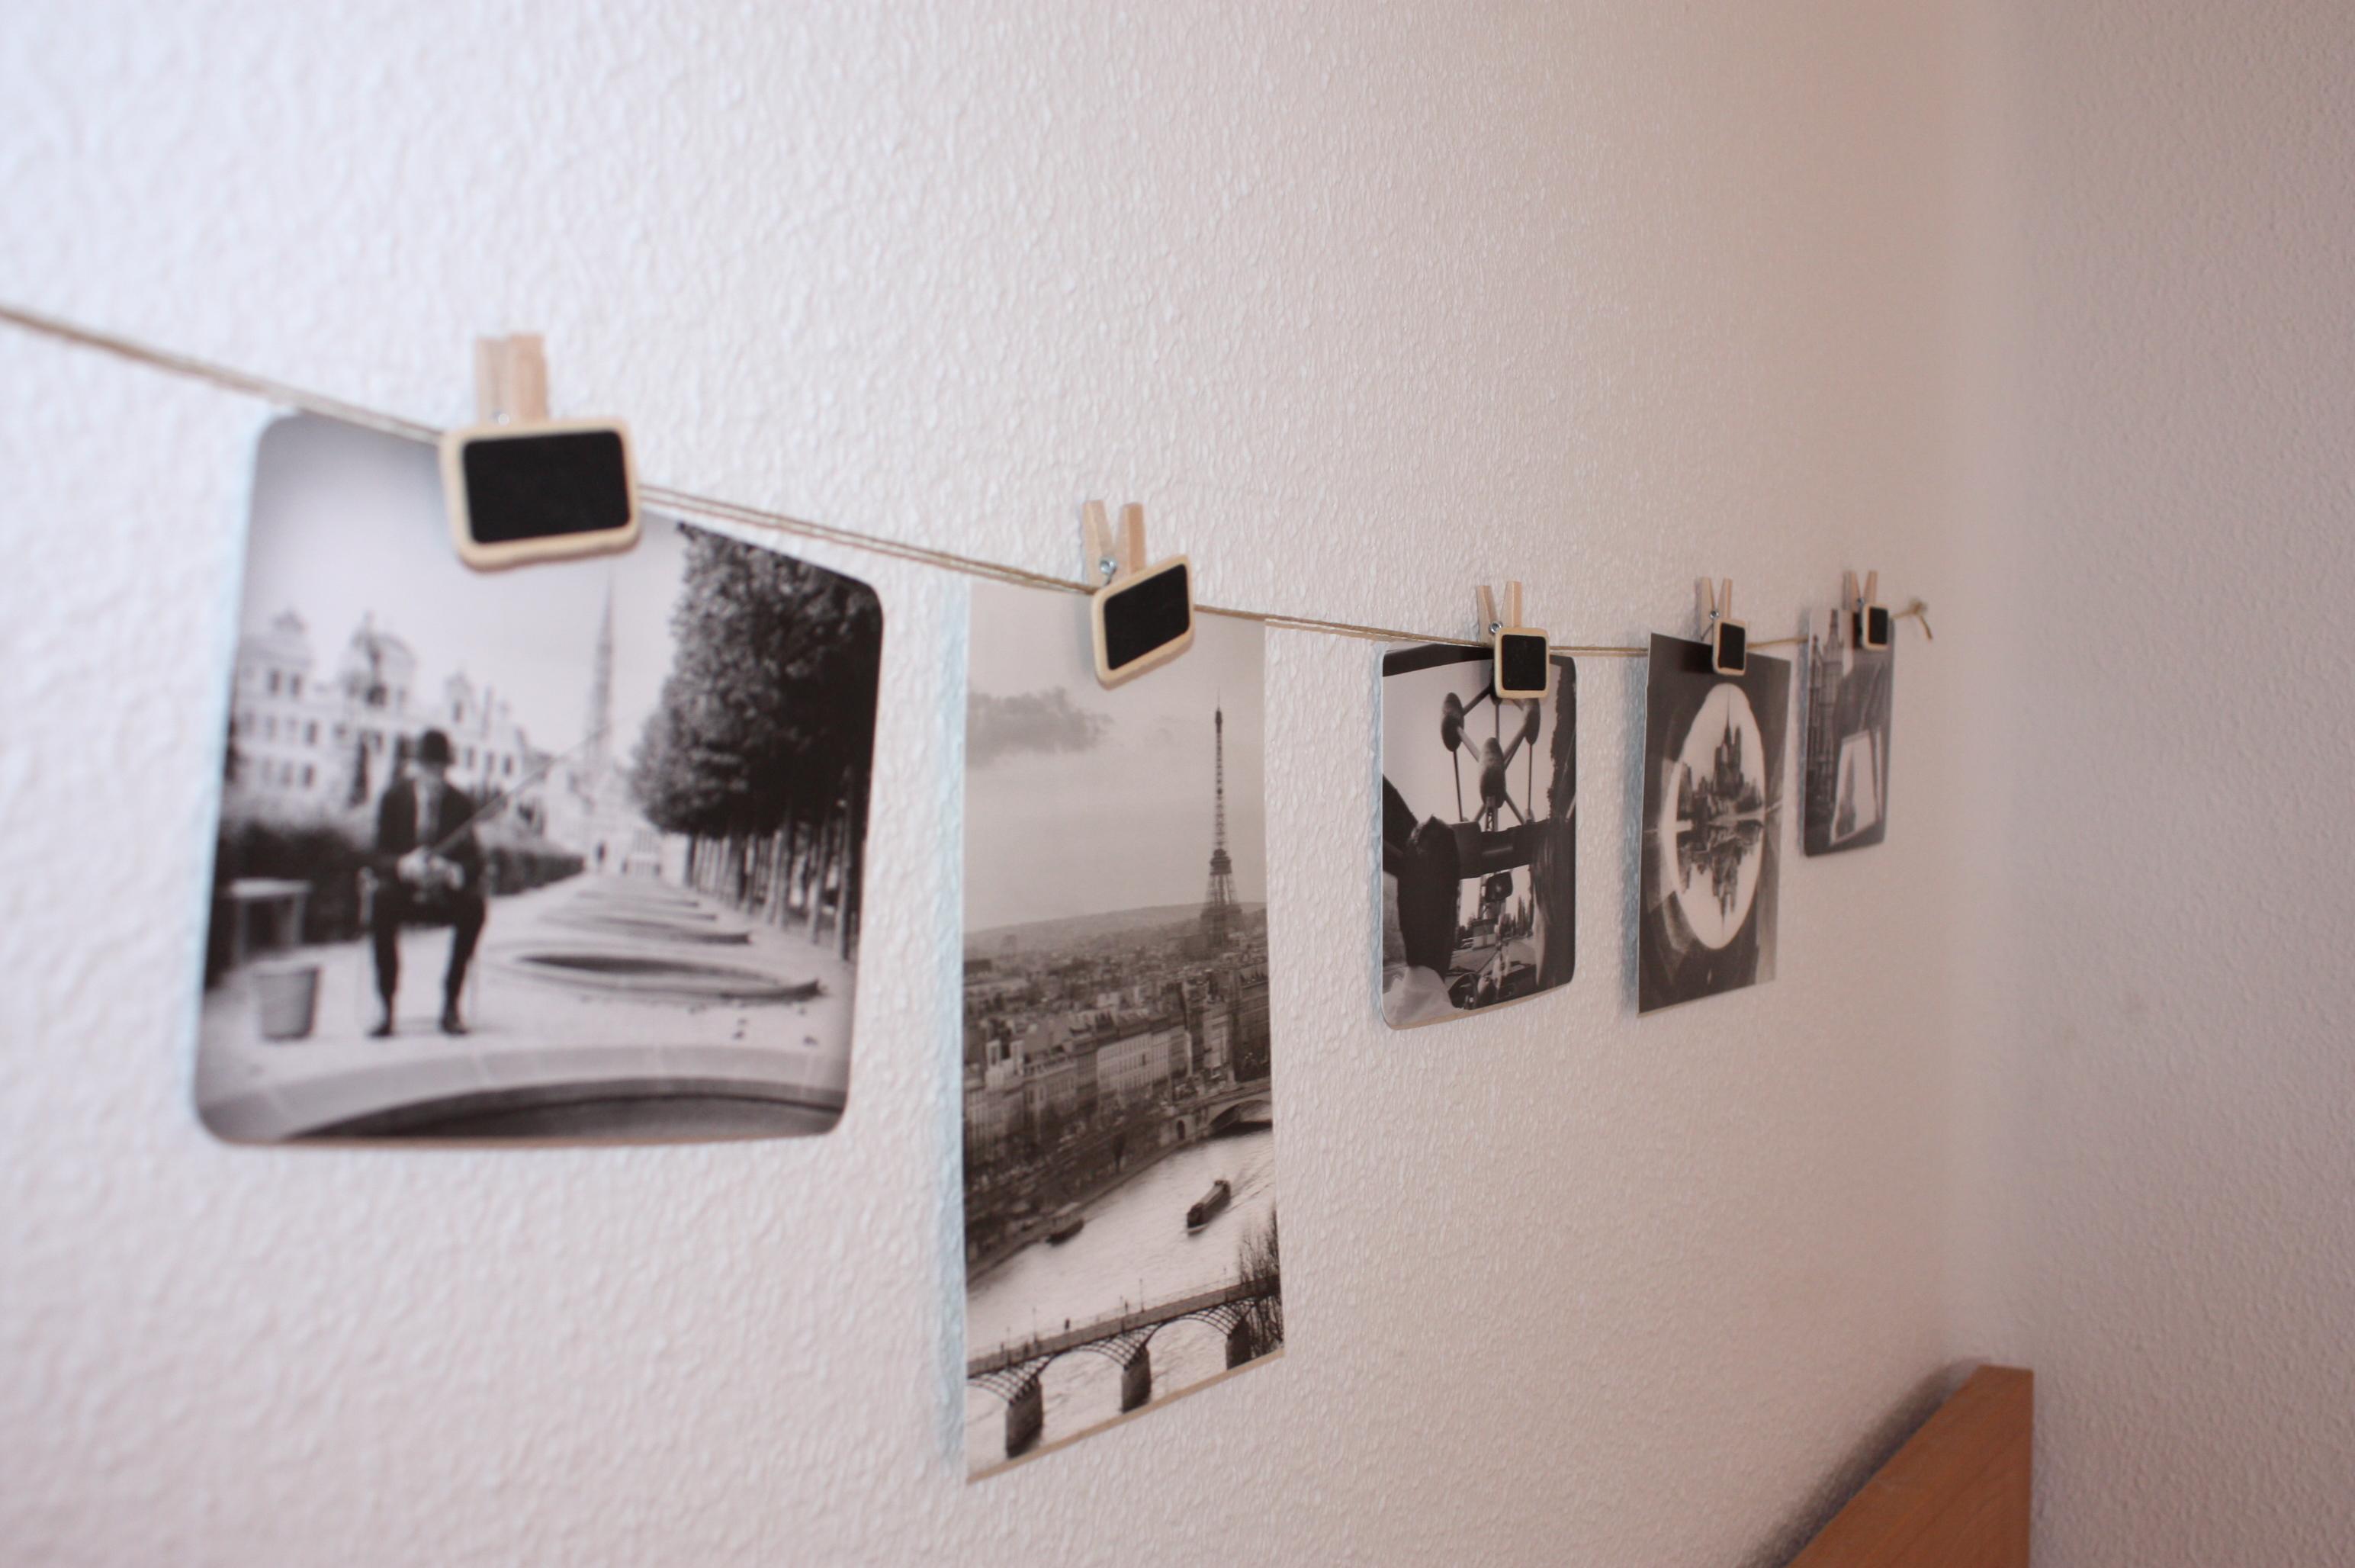 fotografías cogidas con pinzas estilo vintage